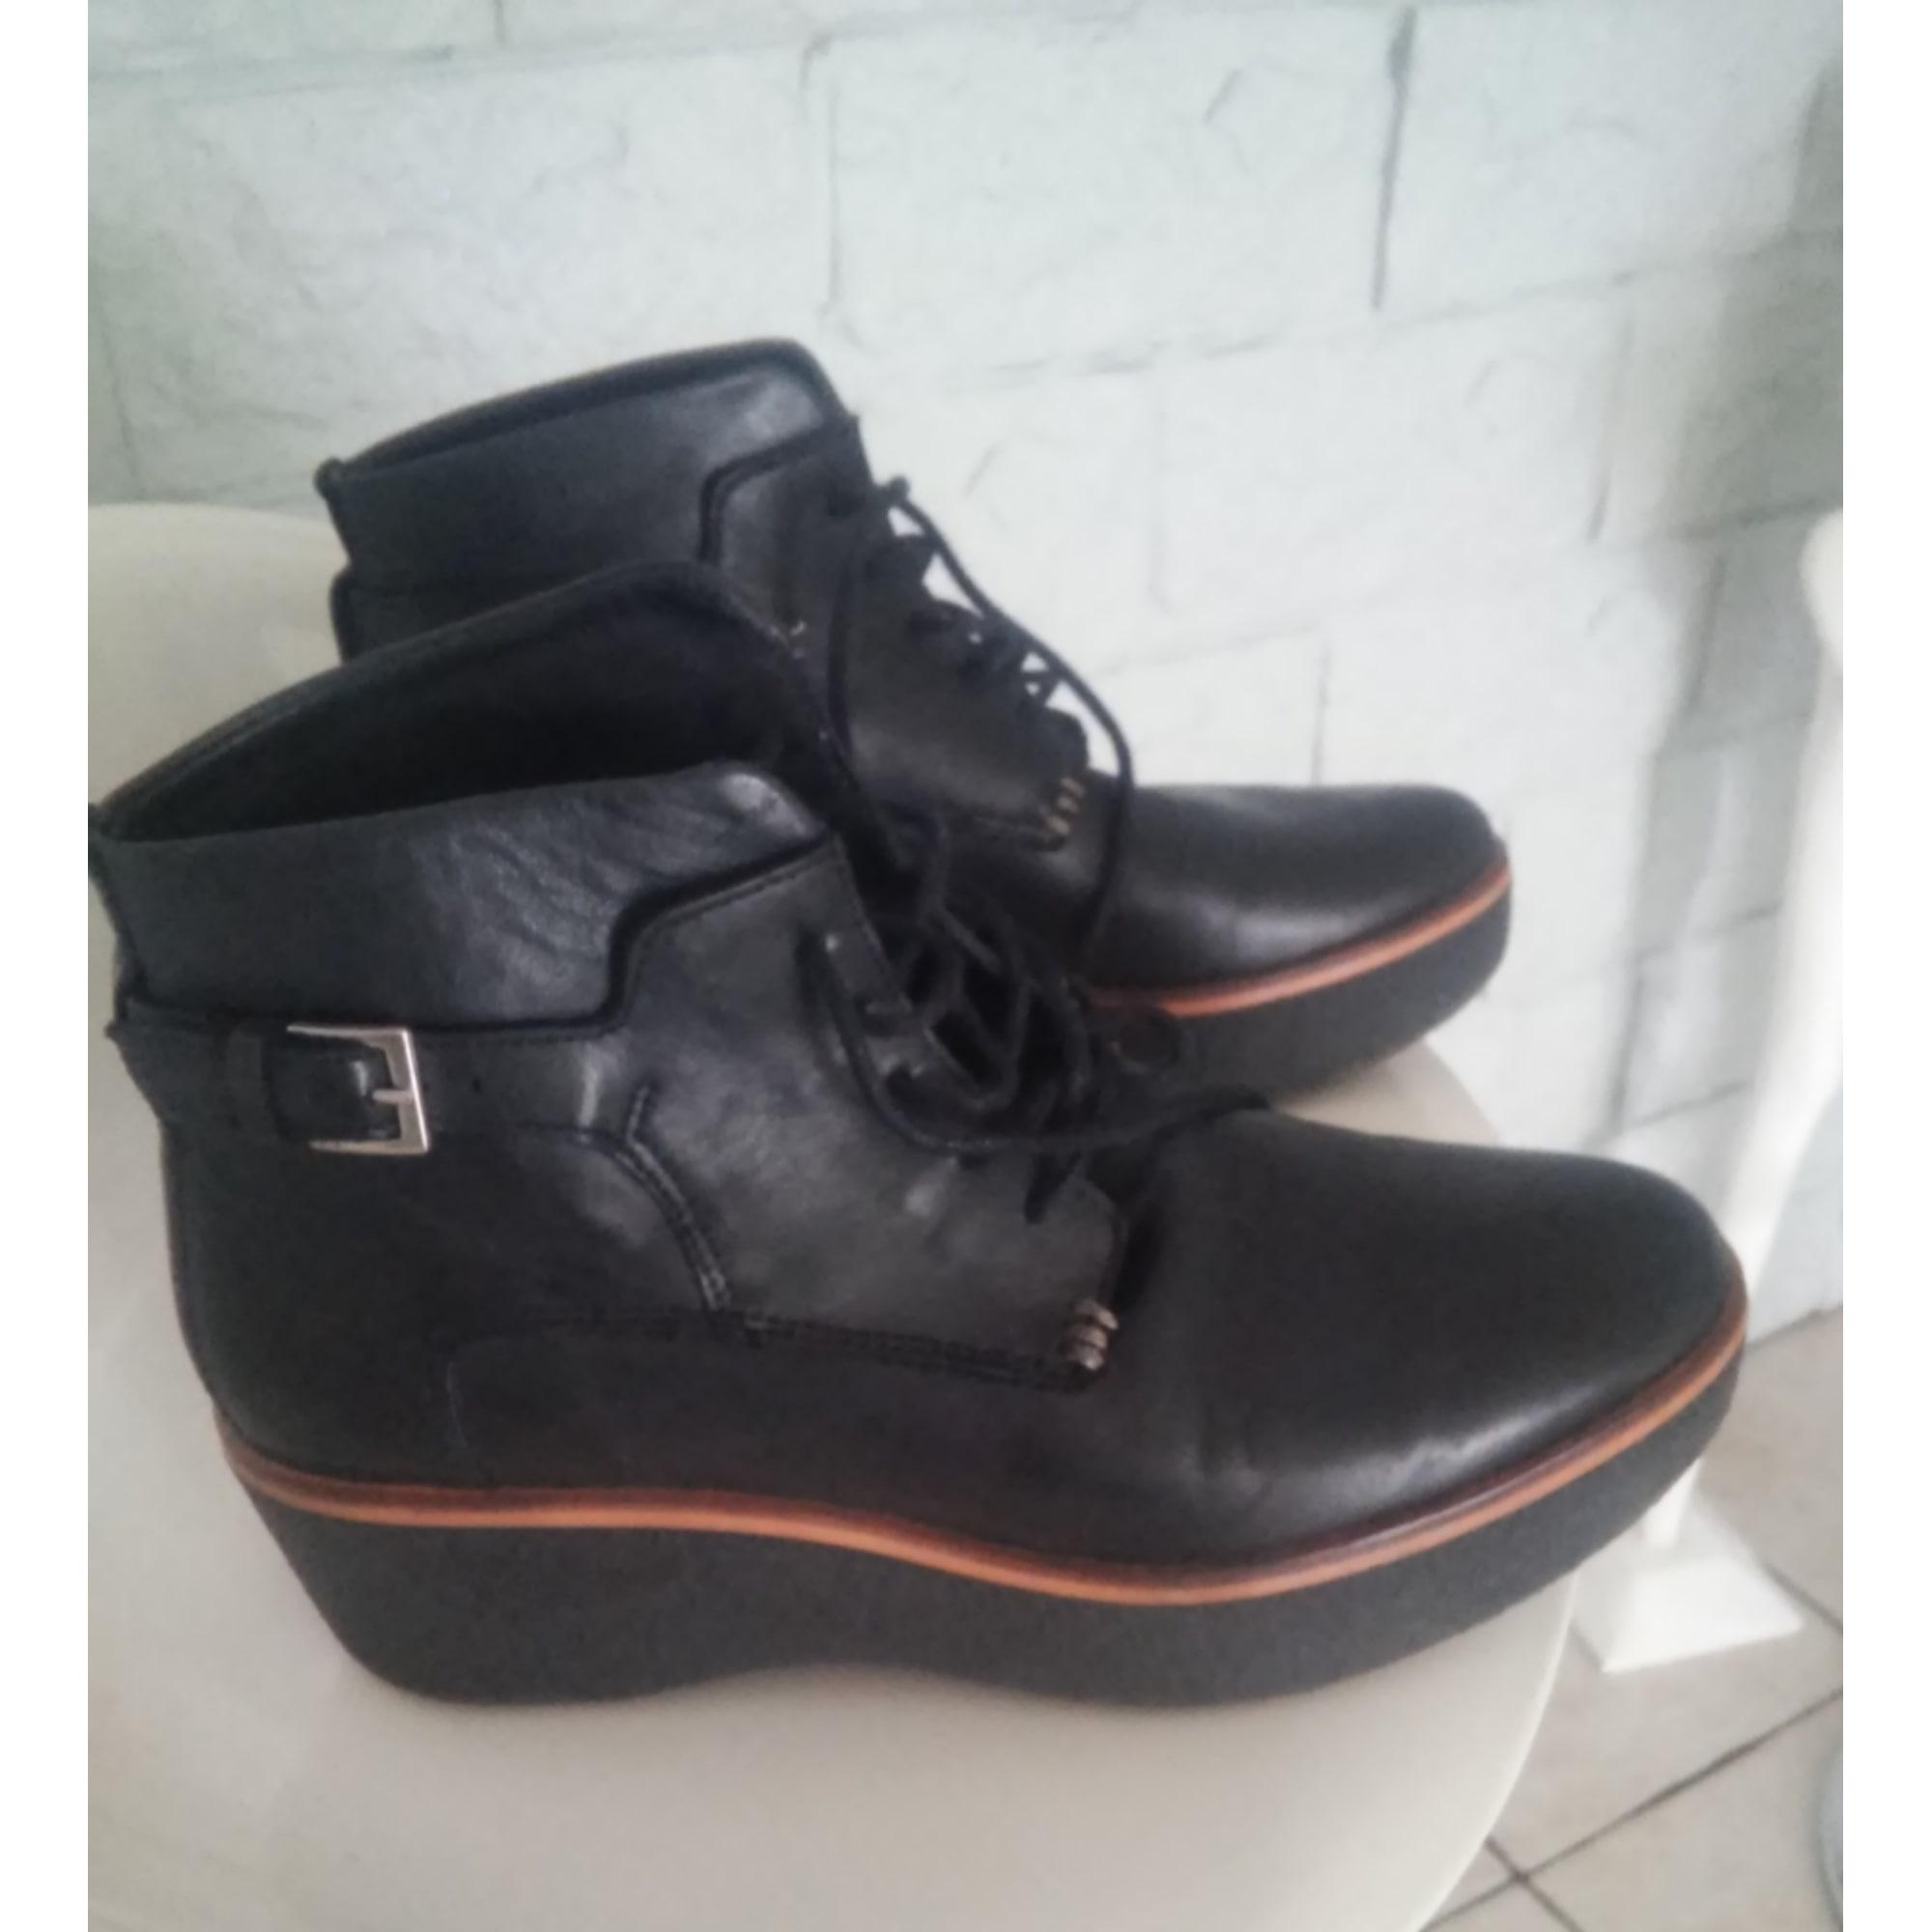 À Boots Kickers Low Noir amp; 37 Par Mo73 Compensés Bottines Vendu xnUHZwP